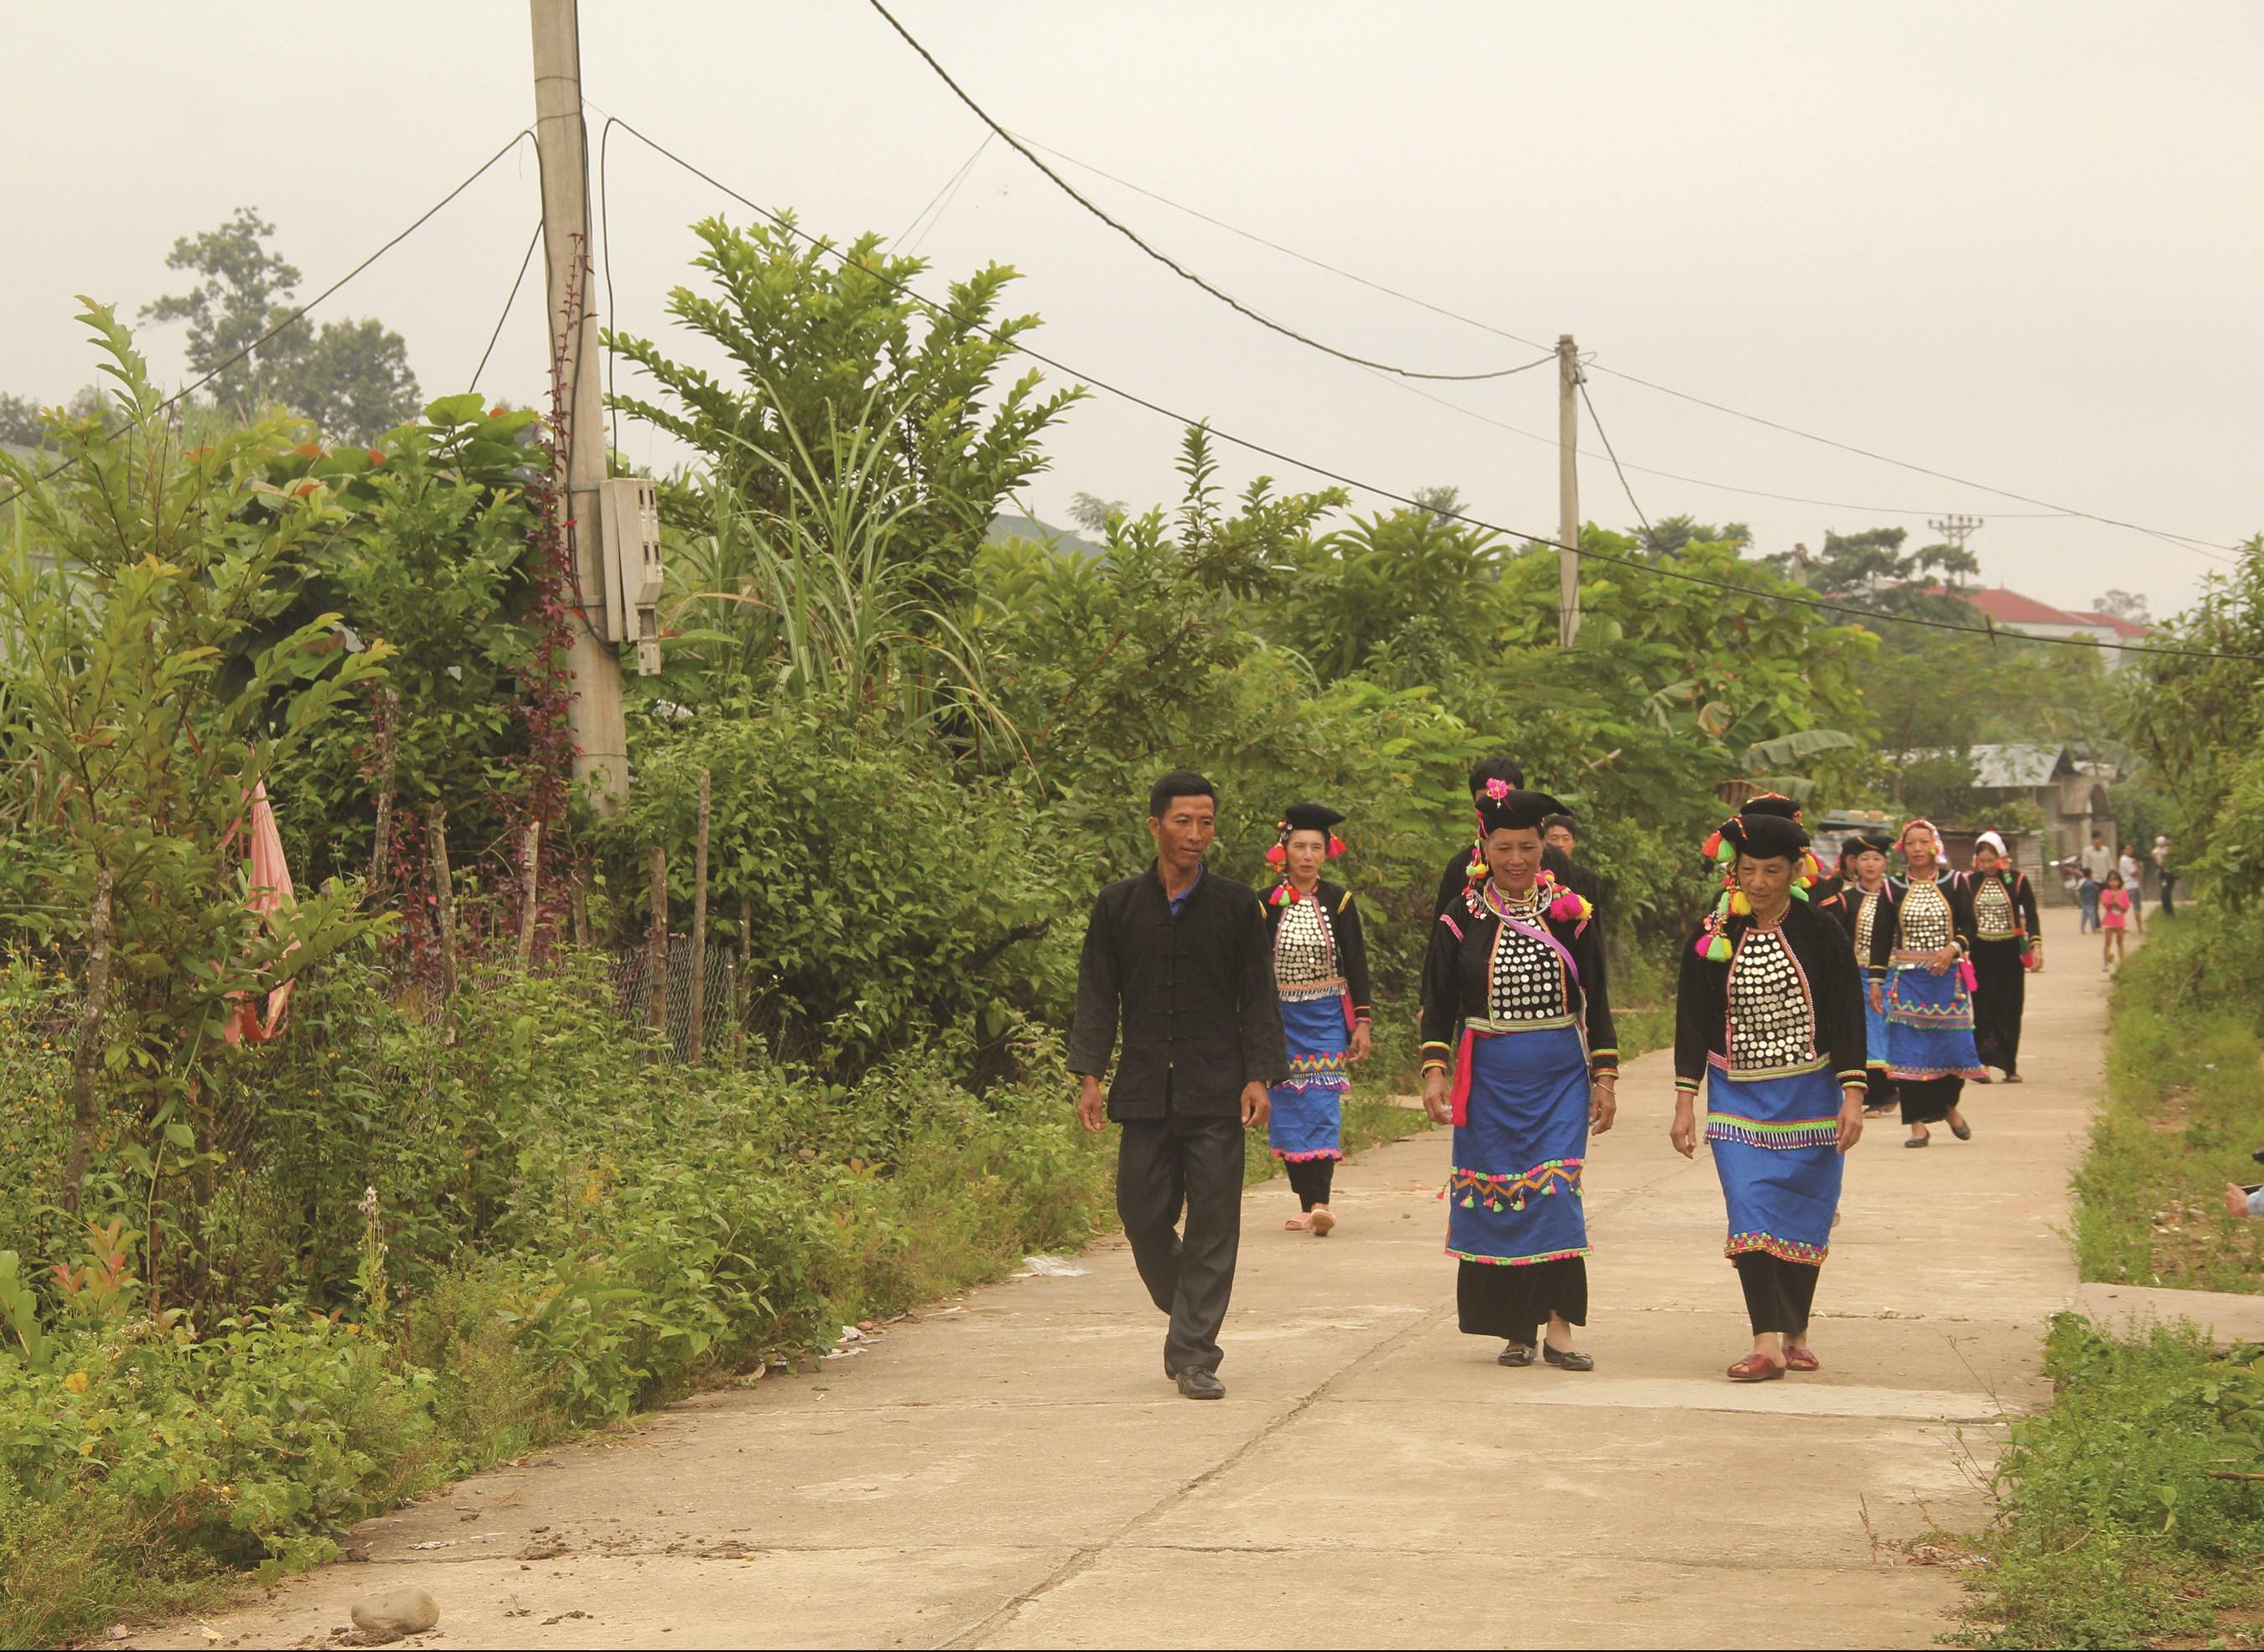 Nhờ sự vận động của ông Pờ Chà Xe mà những tuyến đường giao thông nông thôn ở bản Sì Thau Chải được hoàn thành từ sự đồng thuận của Nhân dân.